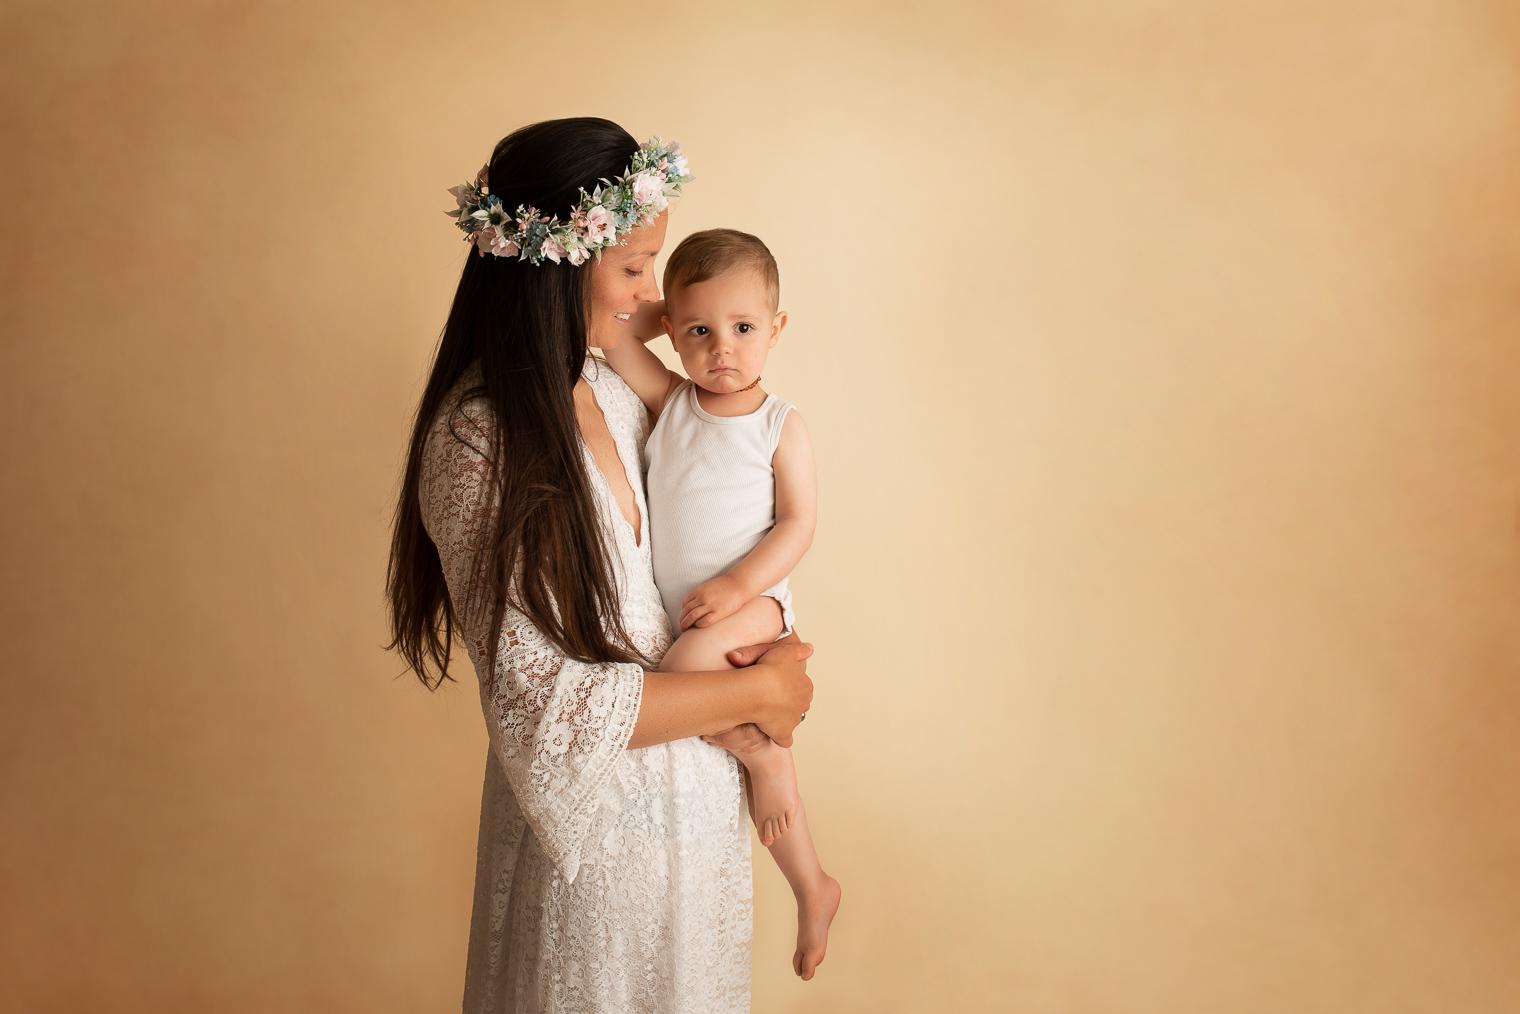 belinda lopez photo bebe enfant maman et moi photographie famille grossesse nouveau-ne maternite photographe bourg-saint-maurice savoie belindalopez.fr-11